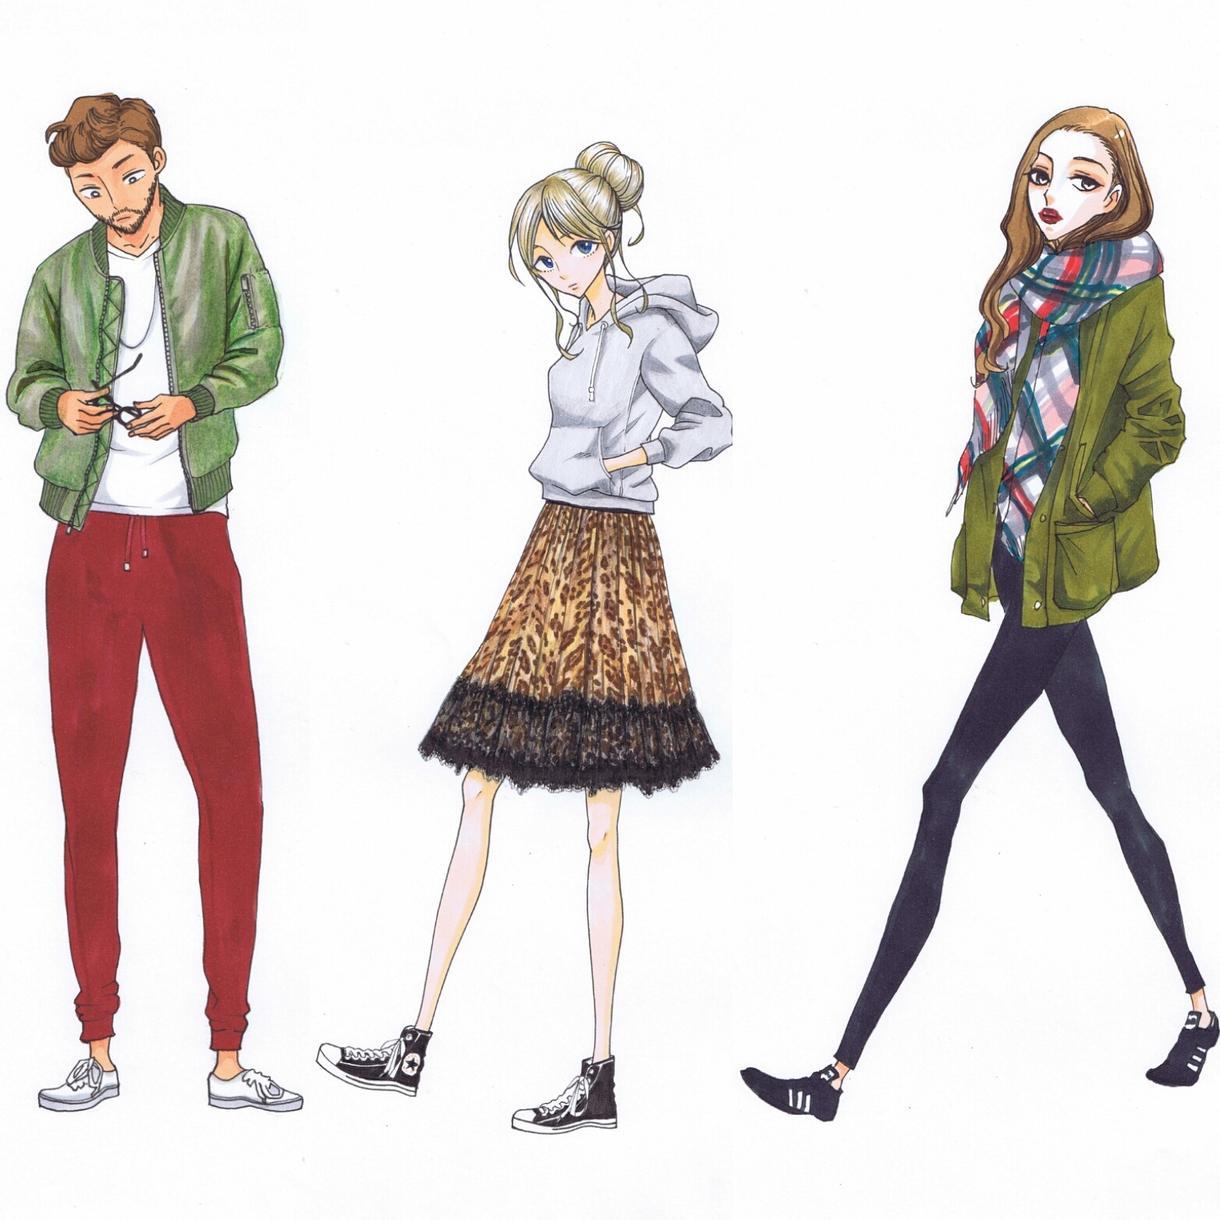 SNSアイコン、イラストをお描き致します おしゃれ・ファッション好きな方におすすめ##